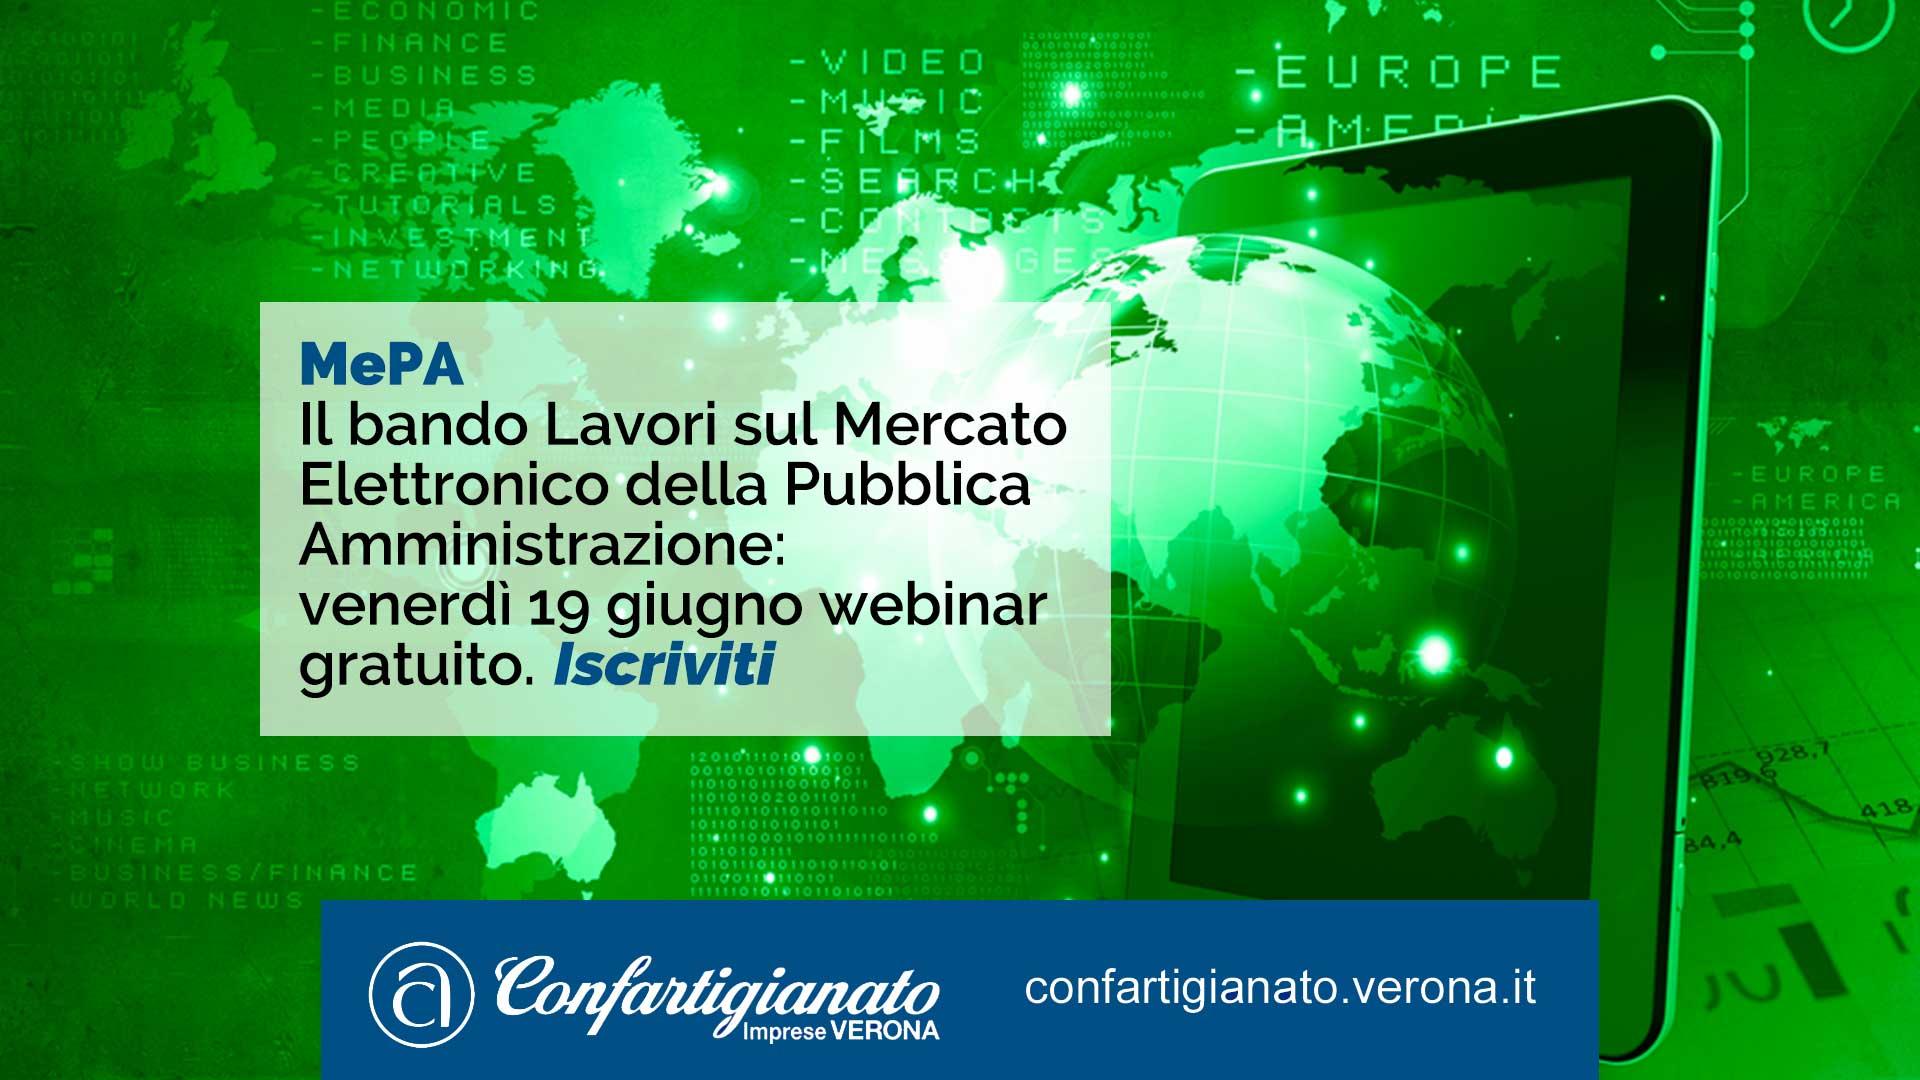 MEPA – Il bando Lavori sul Mercato Elettronico della Pubblica Amministrazione: il 18 giugno, webinar gratuito per le imprese